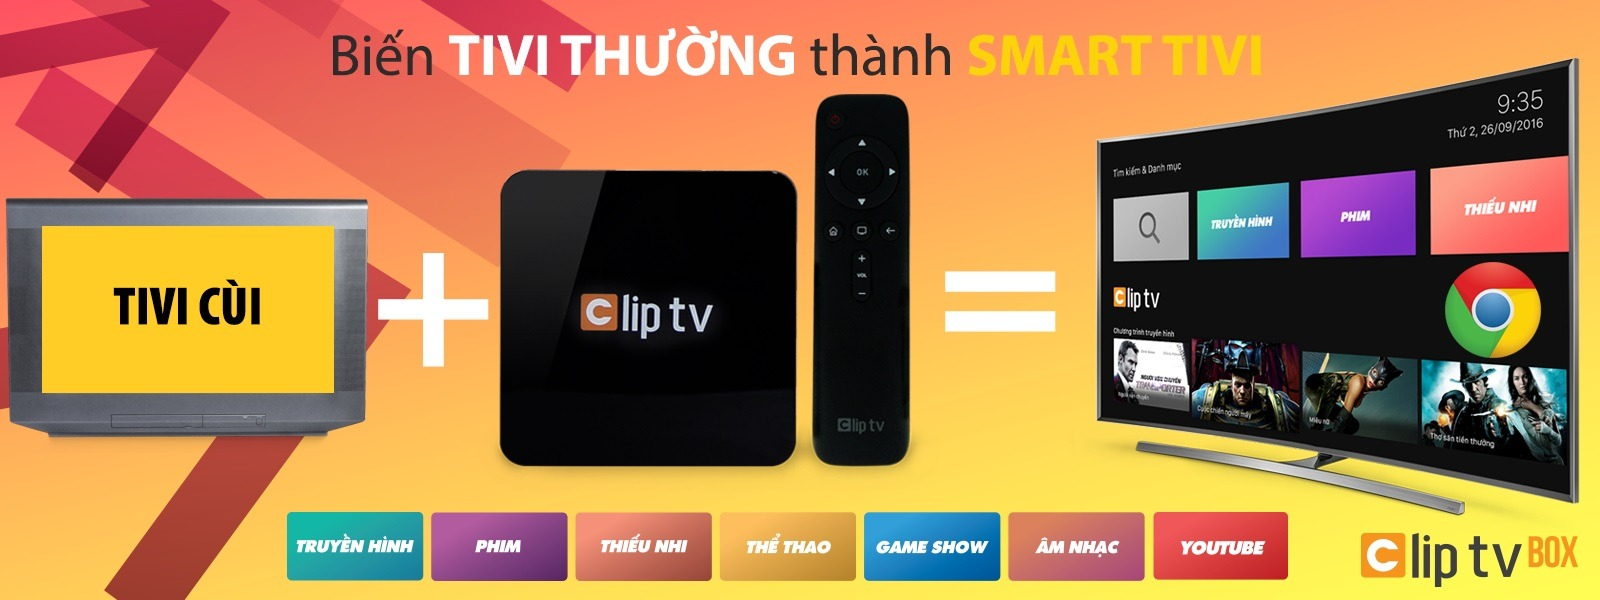 Biến TV thường thành Smart TIVI